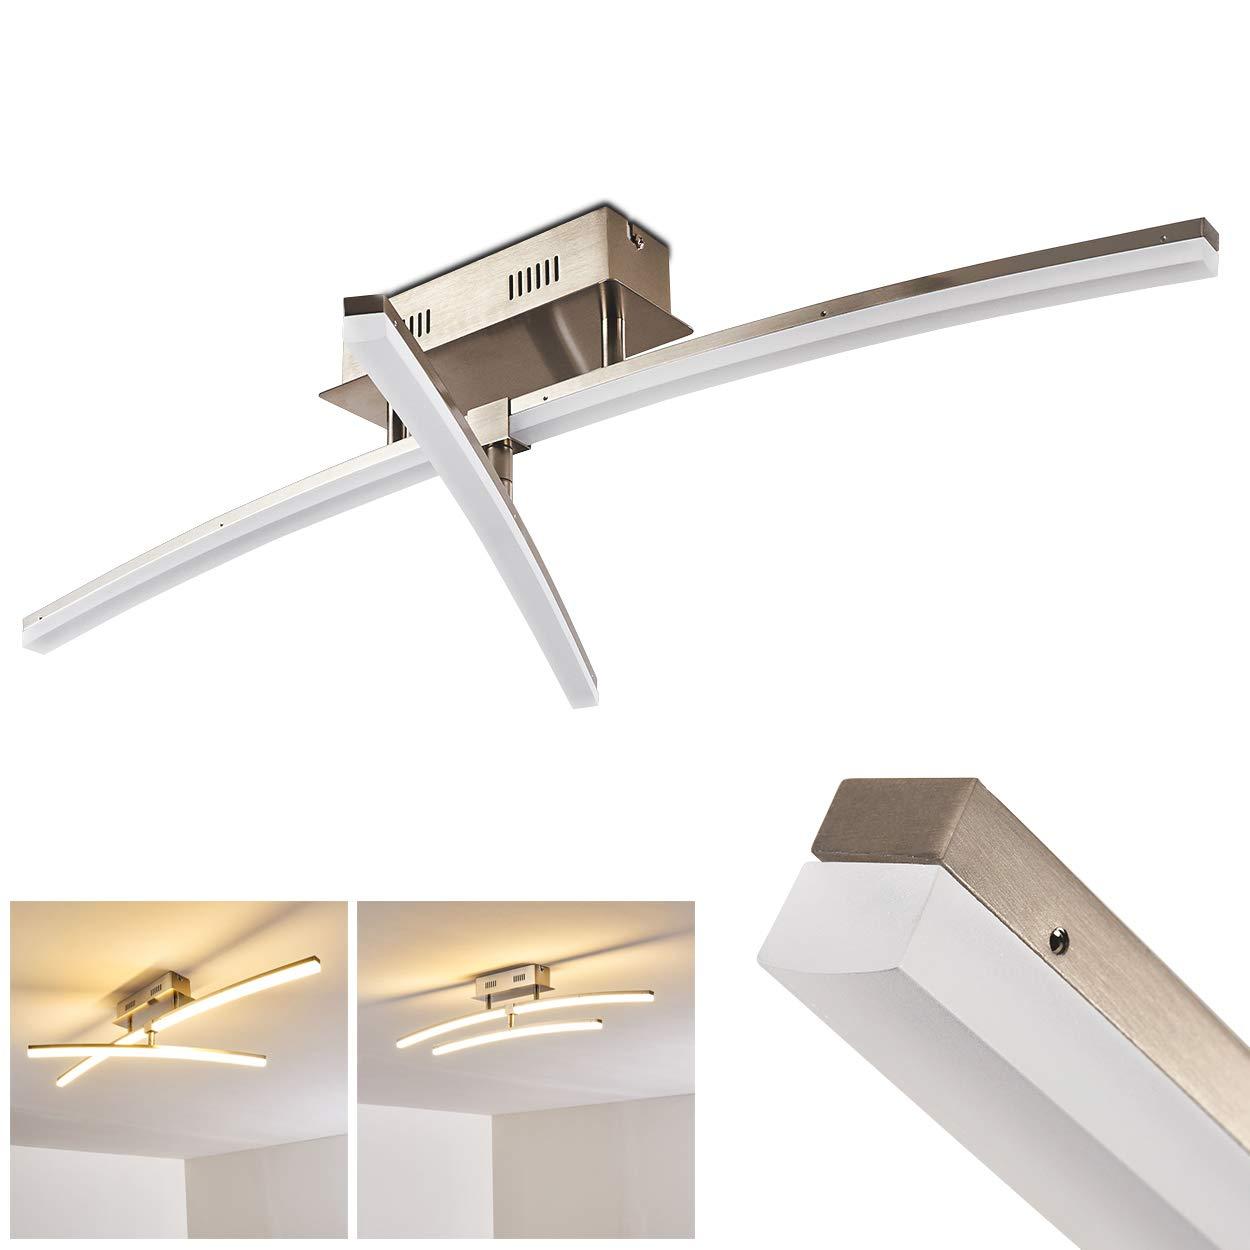 LED Deckenleuchte Teulon aus Metall in Nickel matt - LED Deckenlampe mit zwei drehbaren Leisten – 3000 Kelvin warmweißes Licht für das Wohnzimmer - Kunstobjekt und Wohnraumlampe – 2466 Lumen